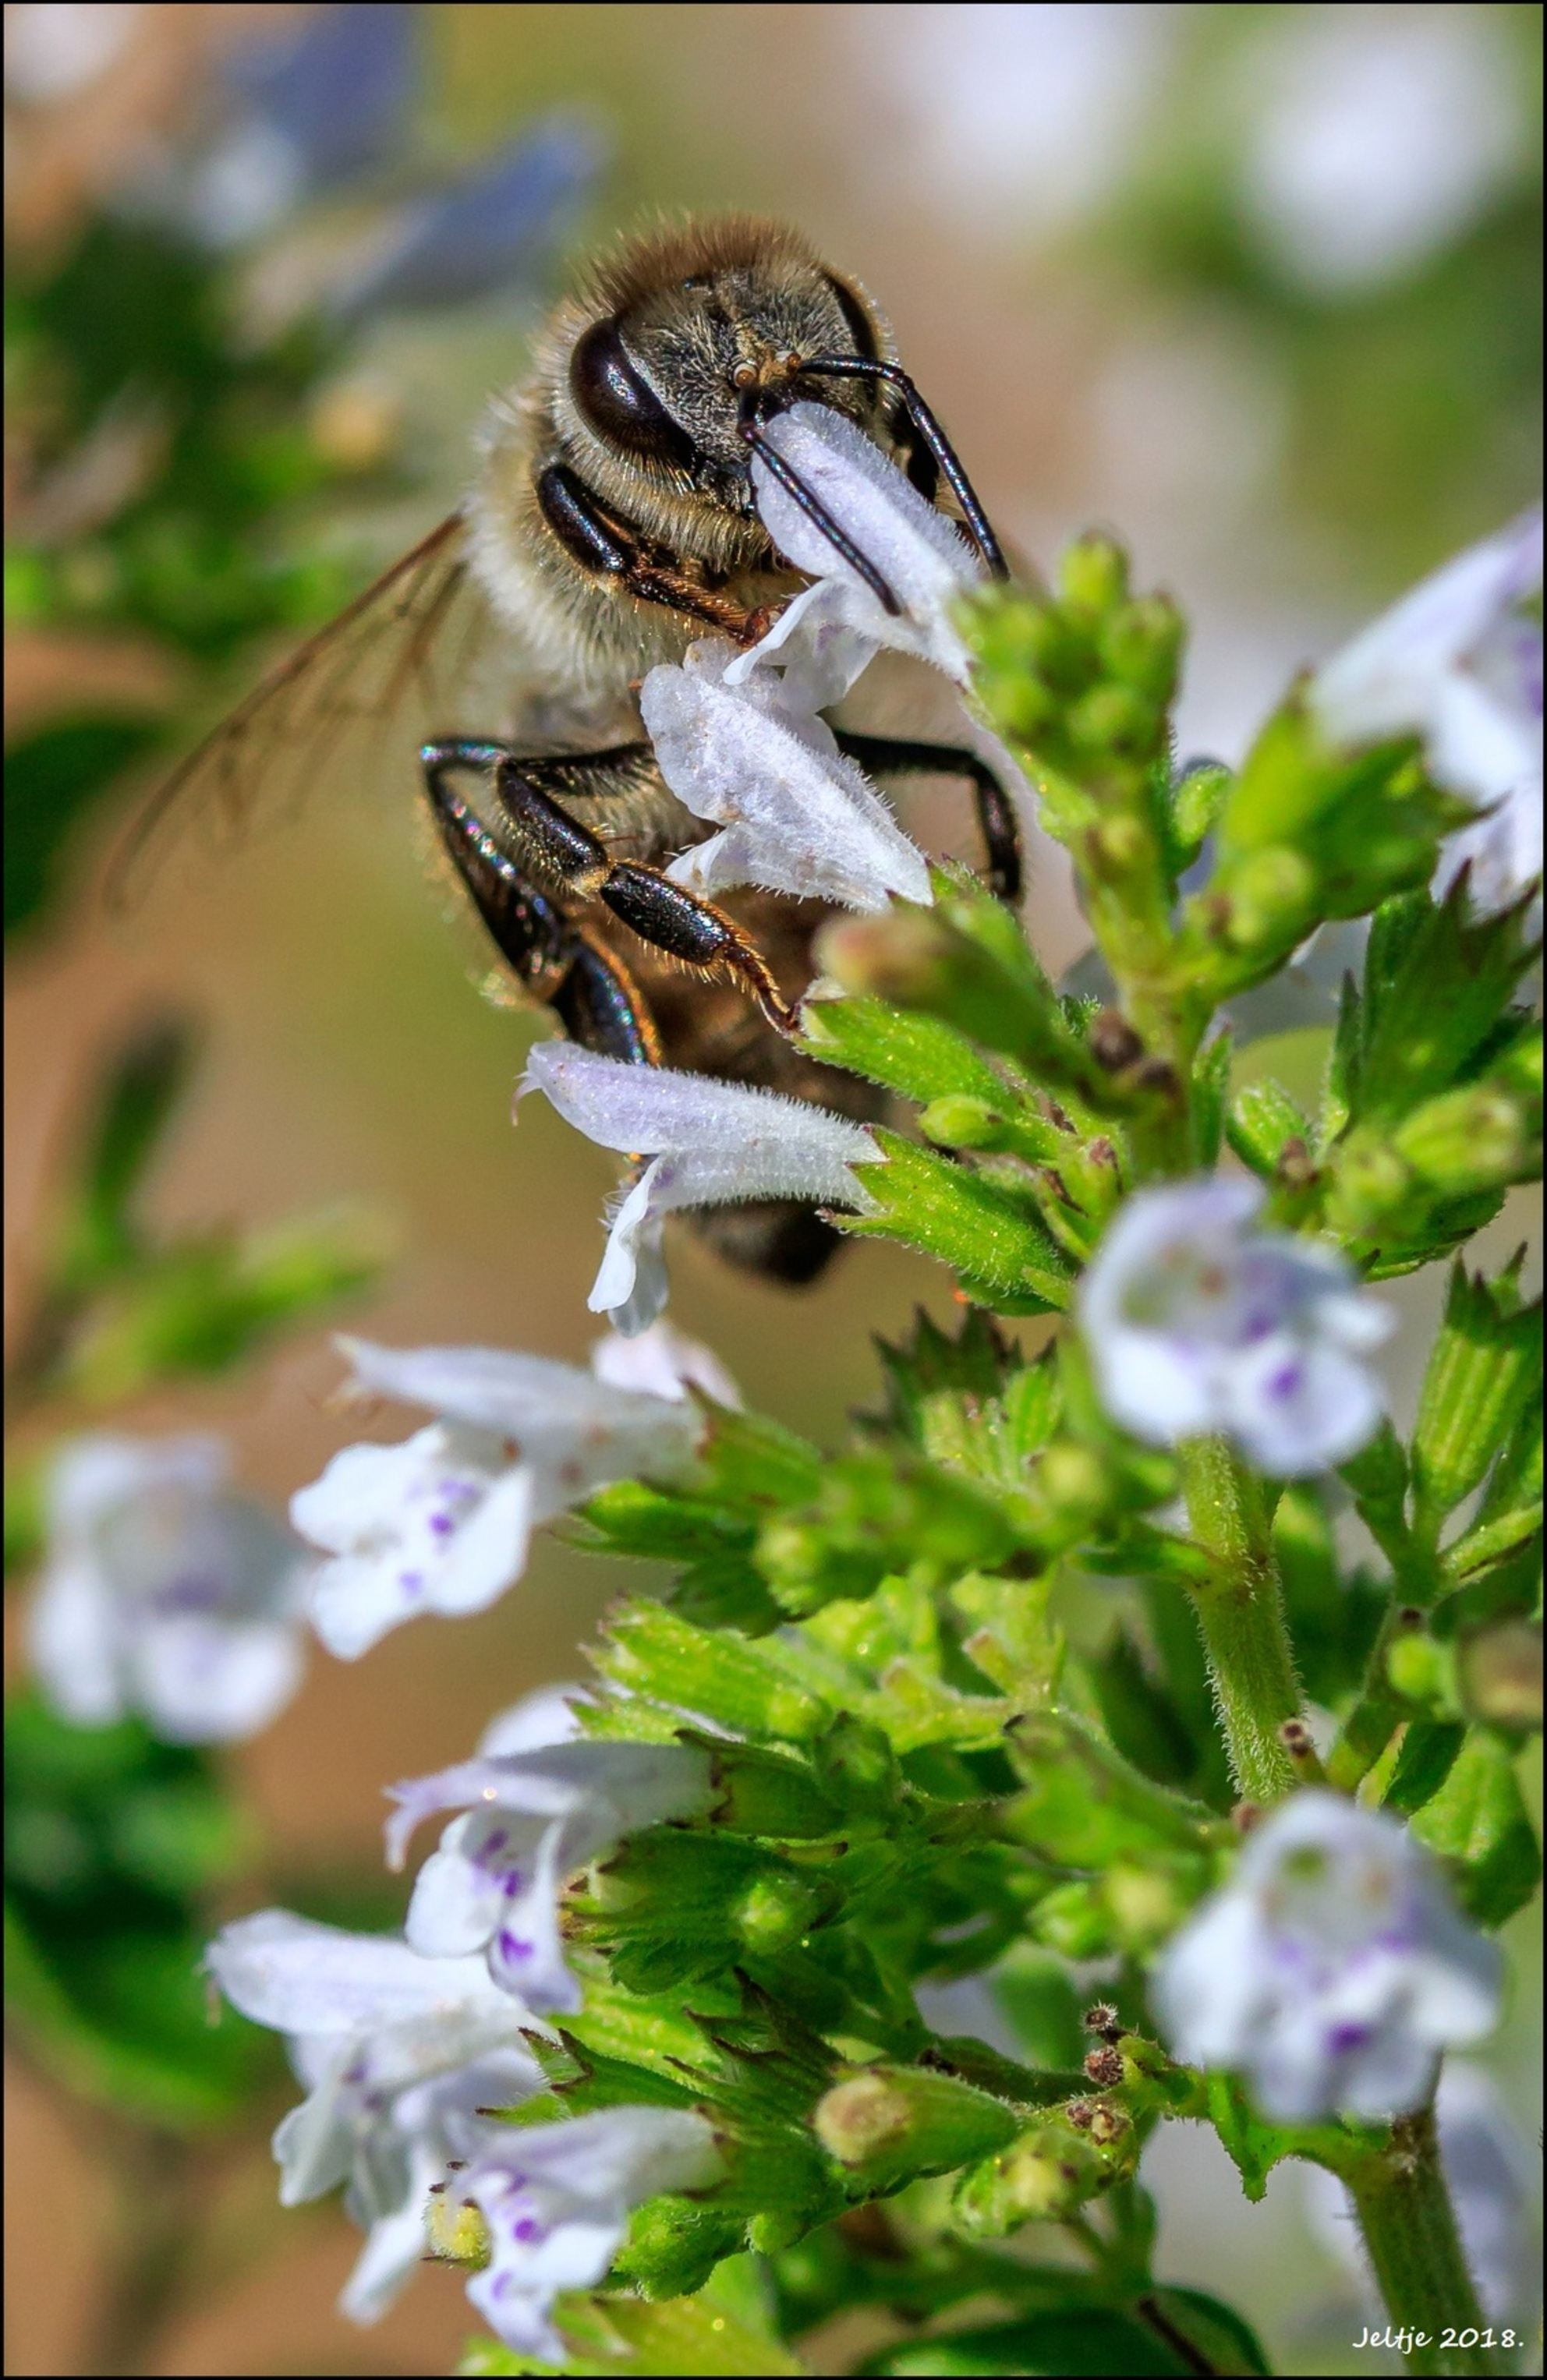 Honingbij. - - - foto door ikjel op 30-07-2018 - deze foto bevat: groen, macro, natuur, bij, zomer, insect, dof